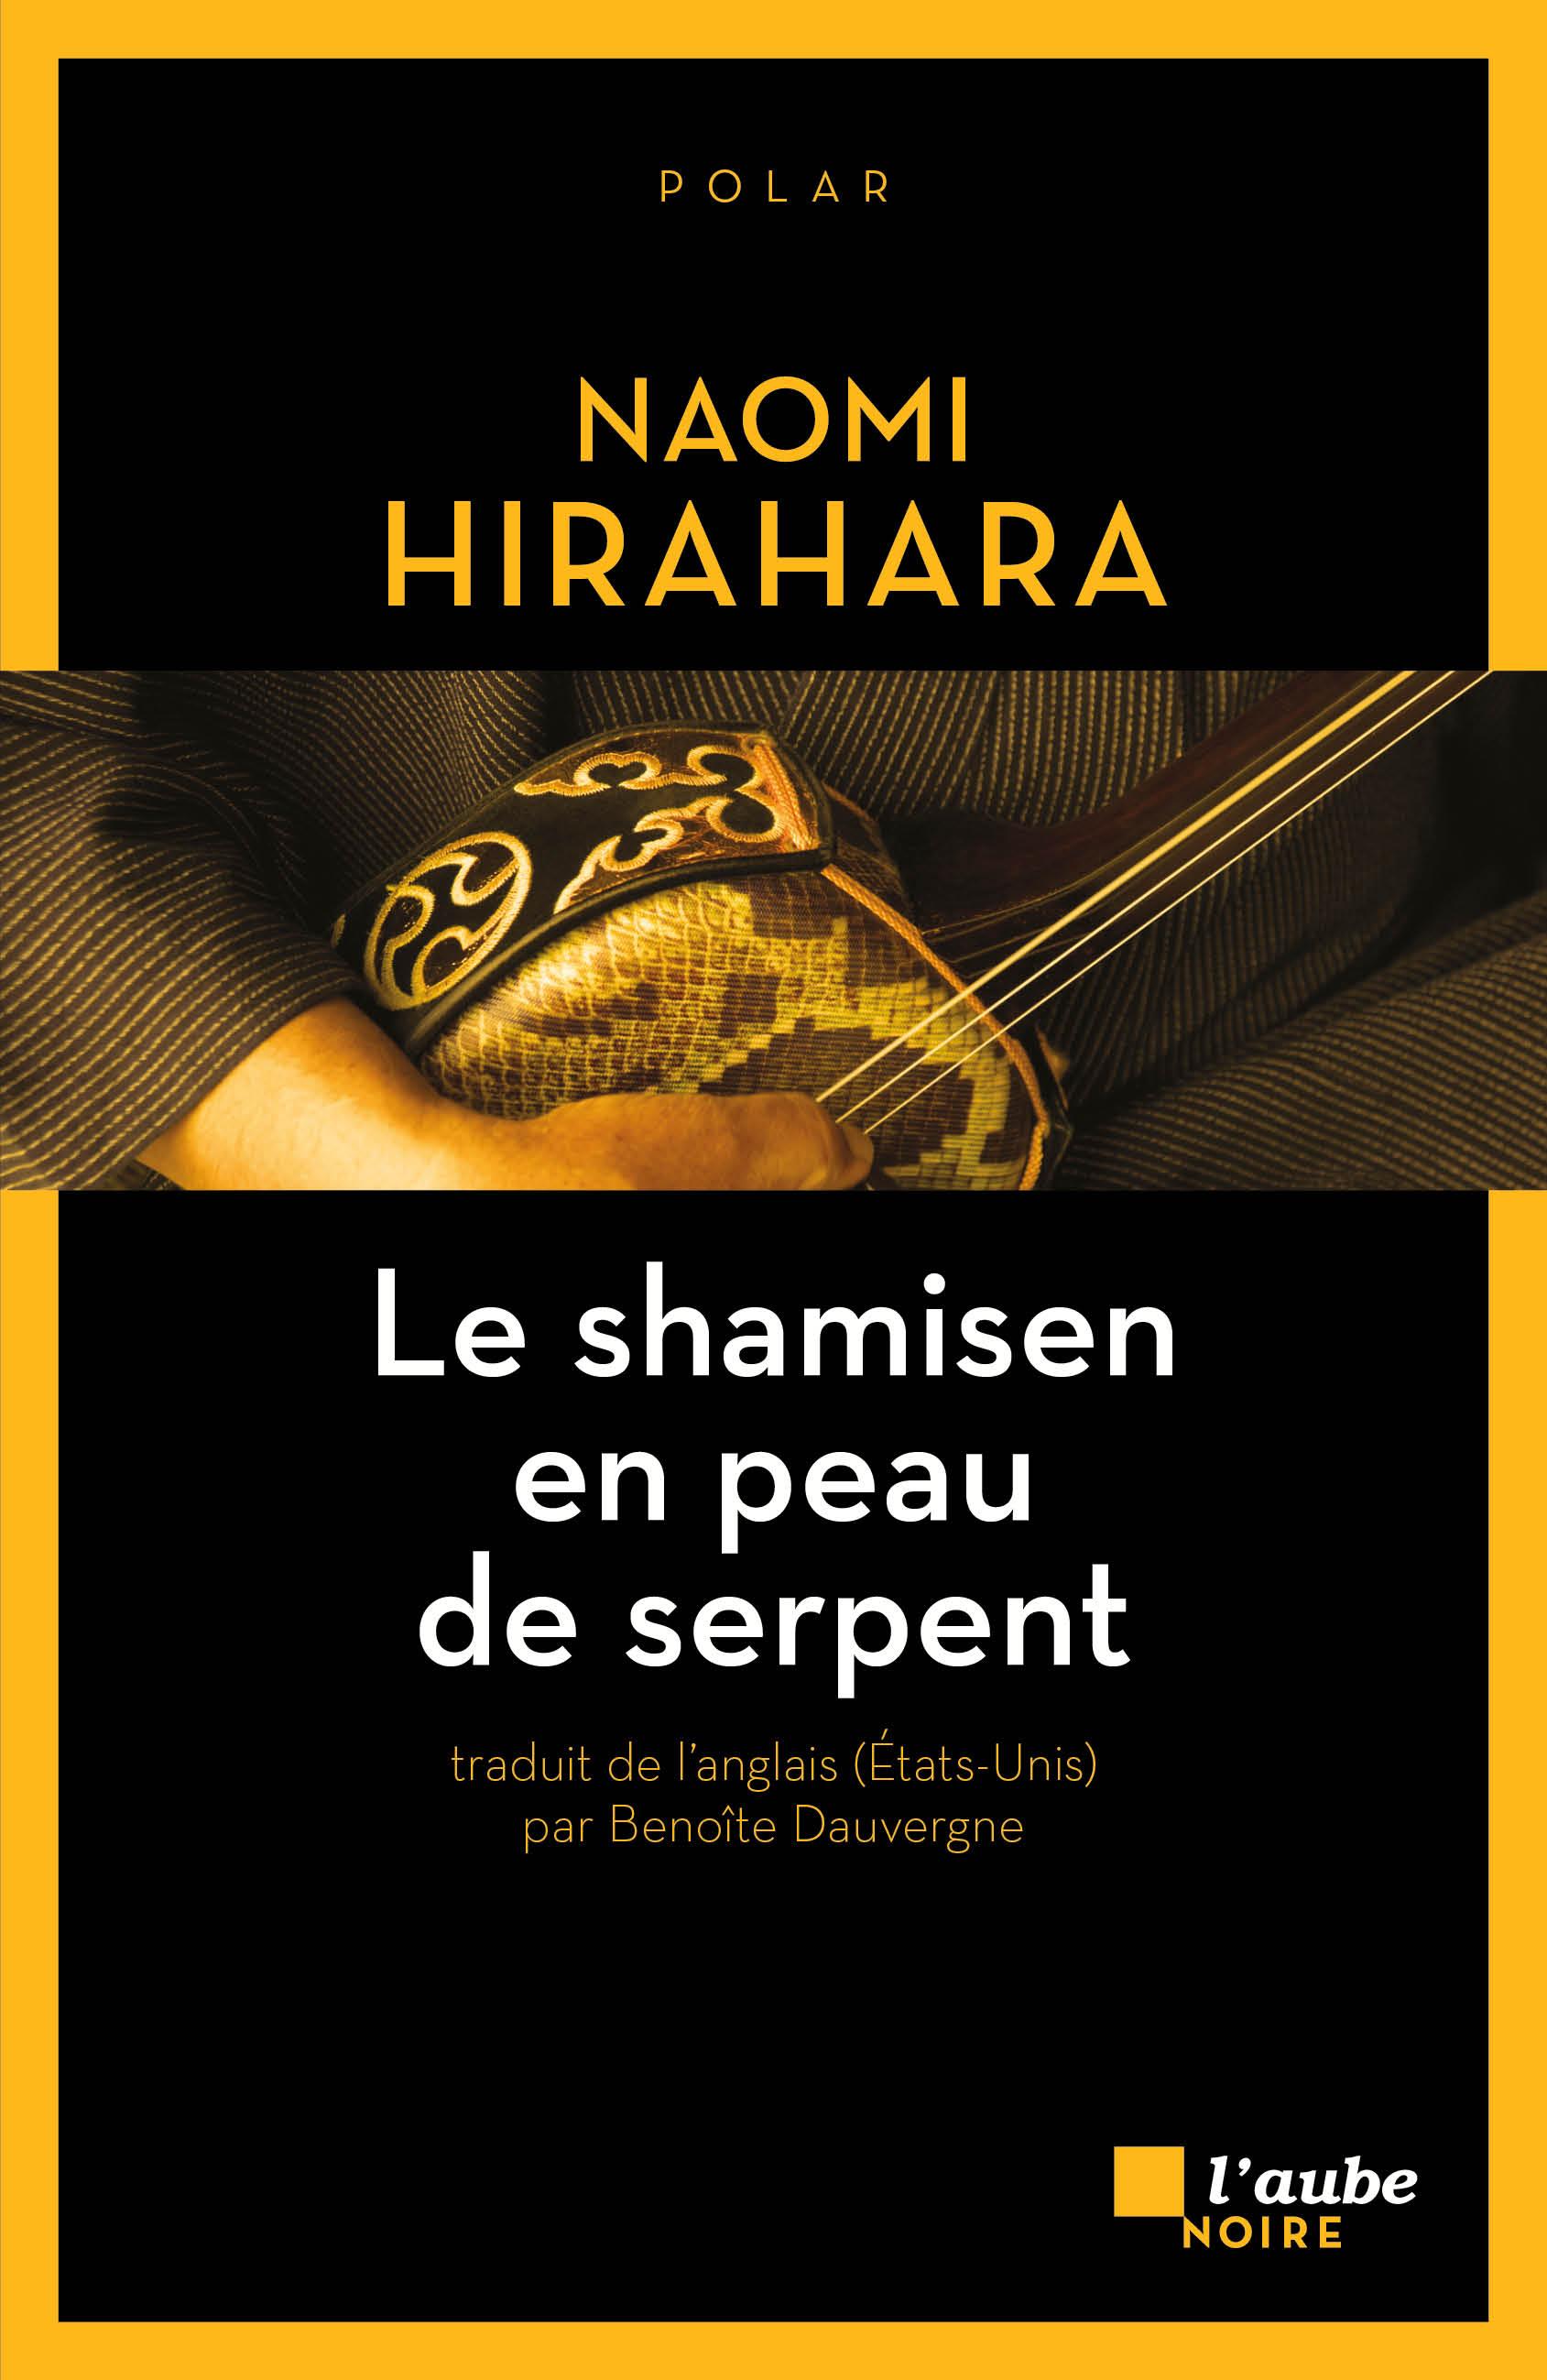 Le shamisen en peau de serpent | HIRAHARA, Naomi